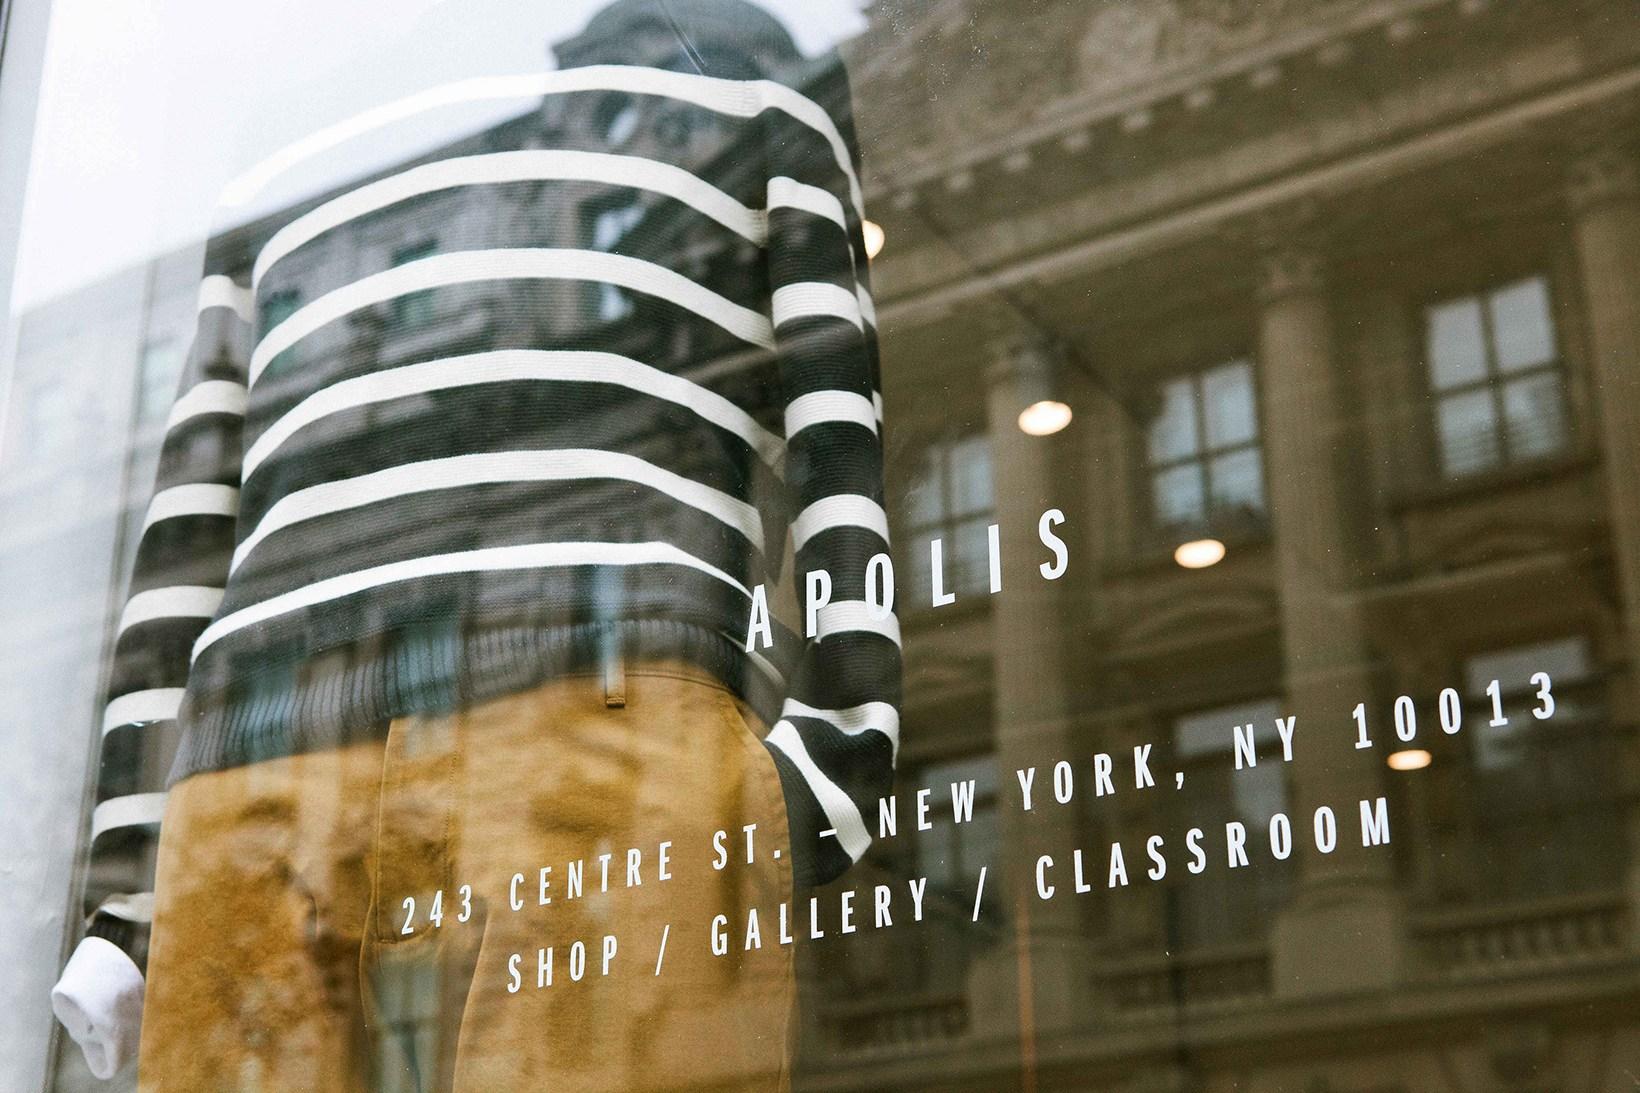 apolis-new-york-1